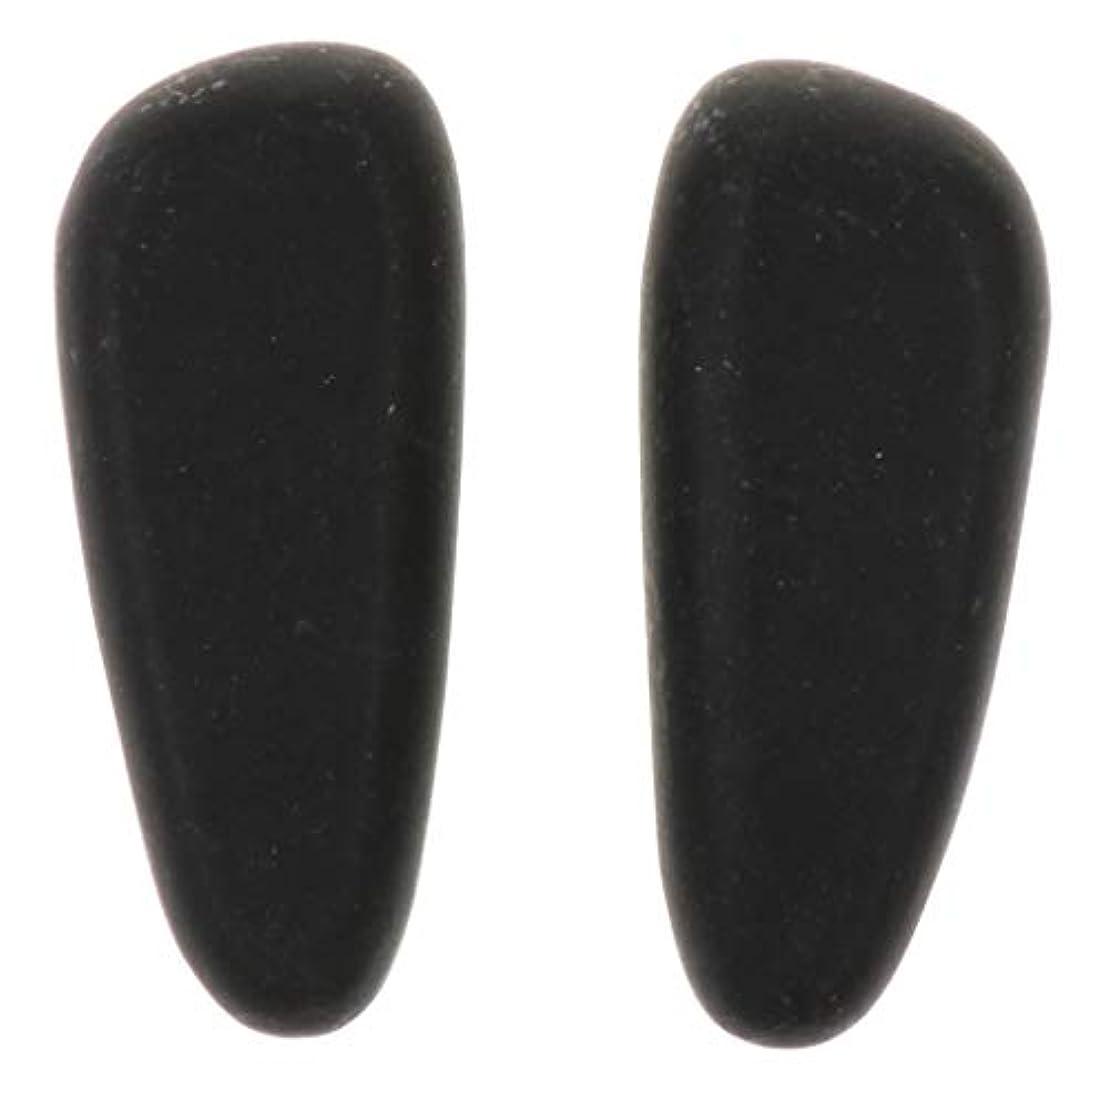 受け皿獣ラインナップ天然石ホットストーン マッサージ用玄武岩 マッサージストーン マッサージ石 ボディマッサージ 2個 全2サイズ - 8×3.2×2cm